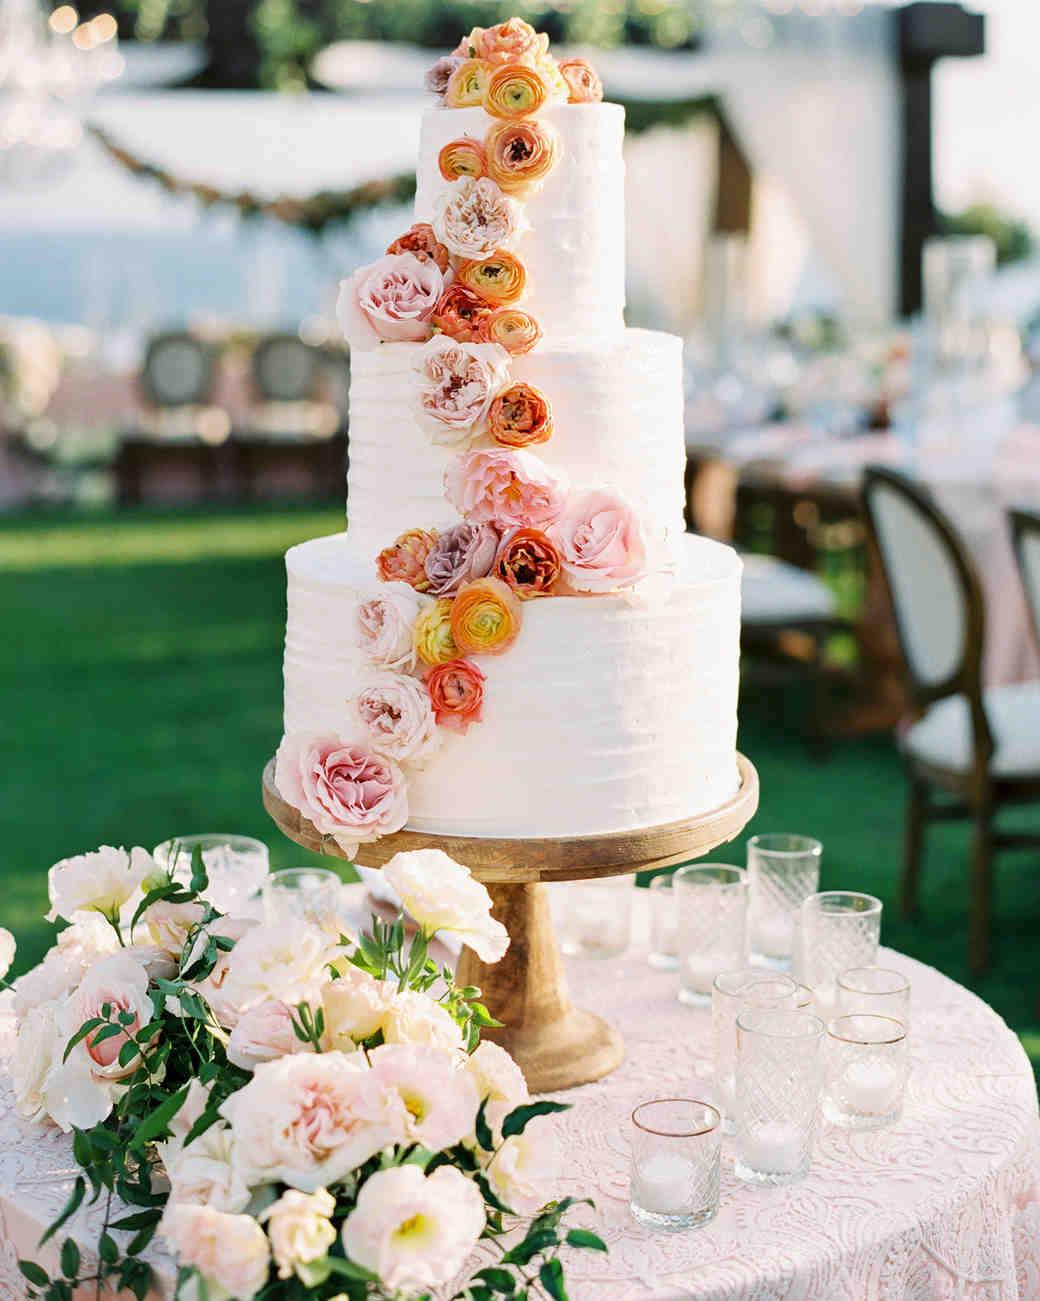 mykaela and brendon wedding white cake with cascading flowers